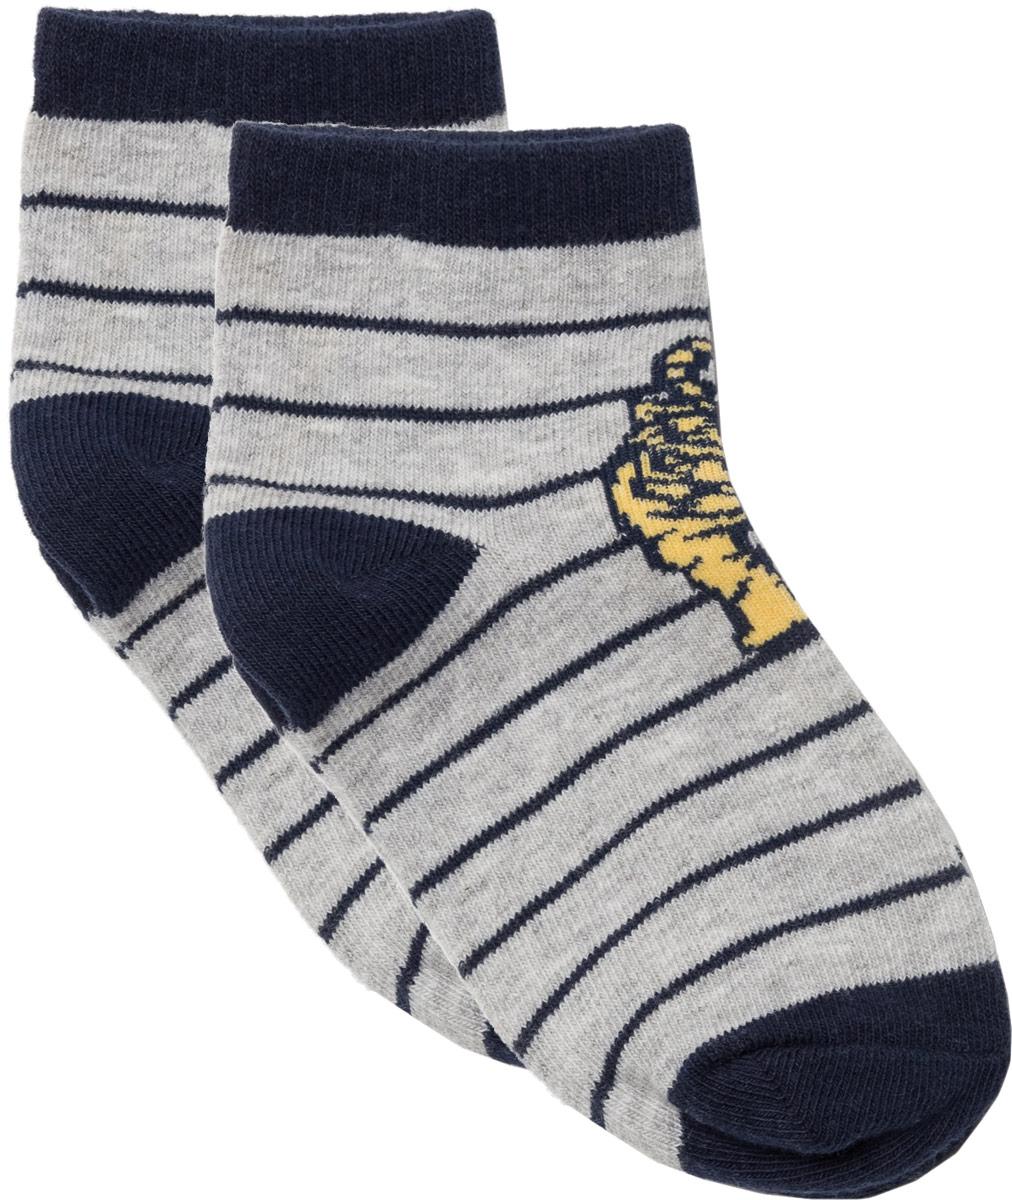 Носки для мальчика Sela, цвет: серый меланж. SOb-7854/194-8111. Размер 20/22SOb-7854/194-8111Носки для мальчика Sela изготовлены из высококачественного материала. Носки имеют эластичную резинку, которая надежно фиксирует носки на ноге.